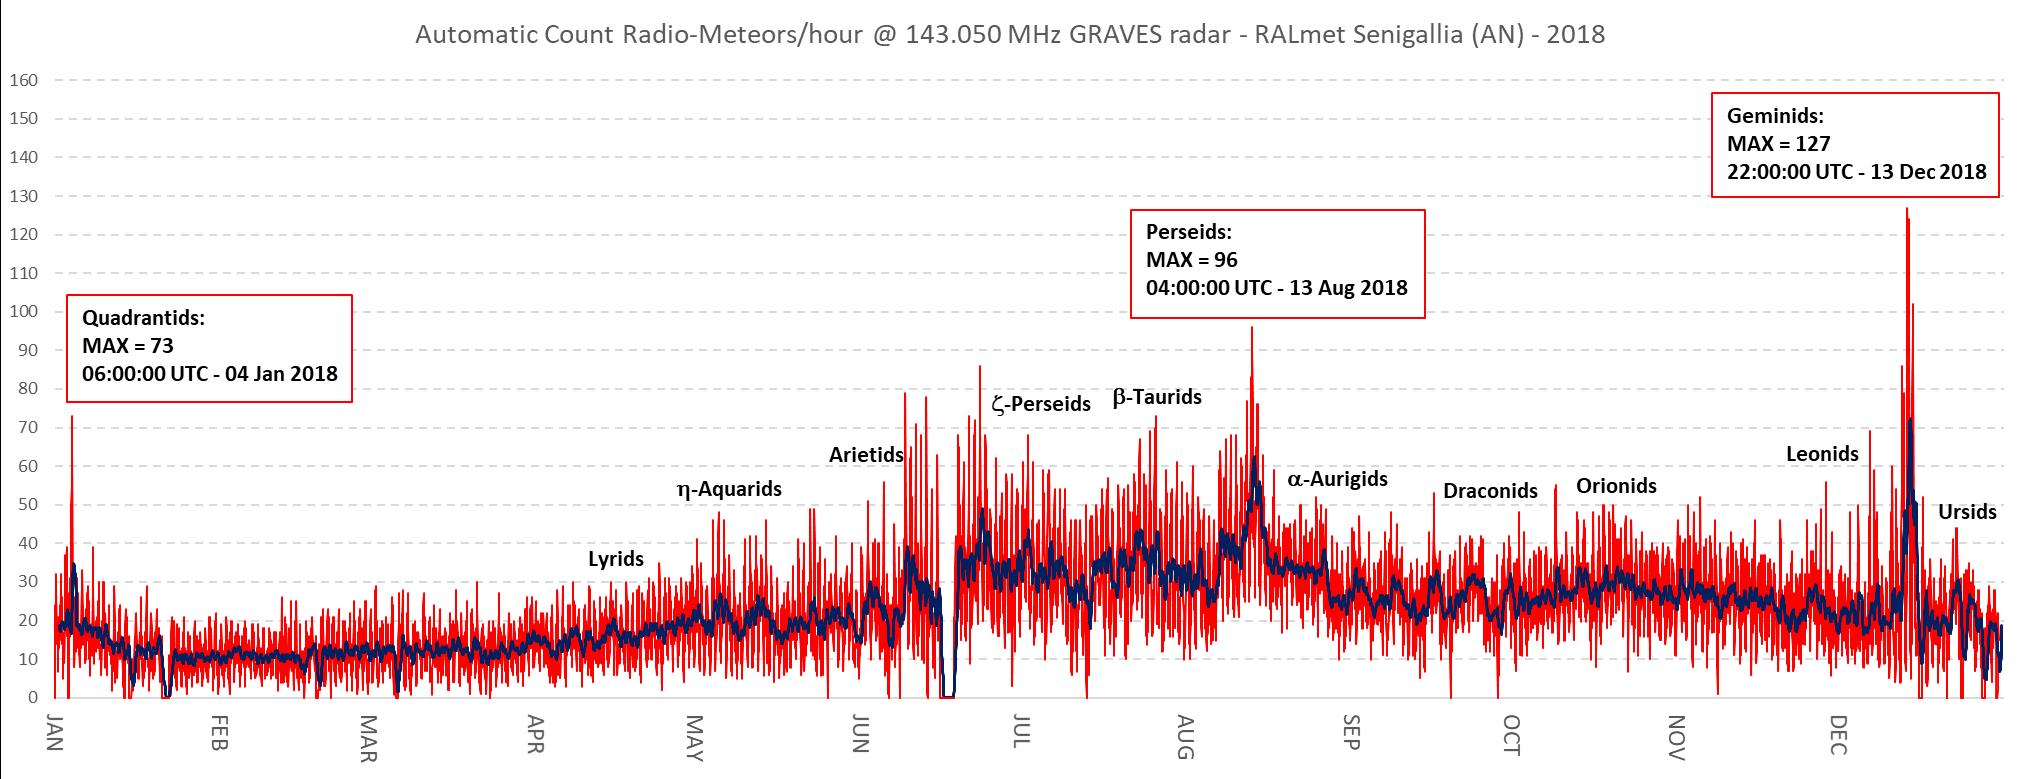 Attività radio-meteorica nel corso del 2018 registrata dalla stazione RALmet.